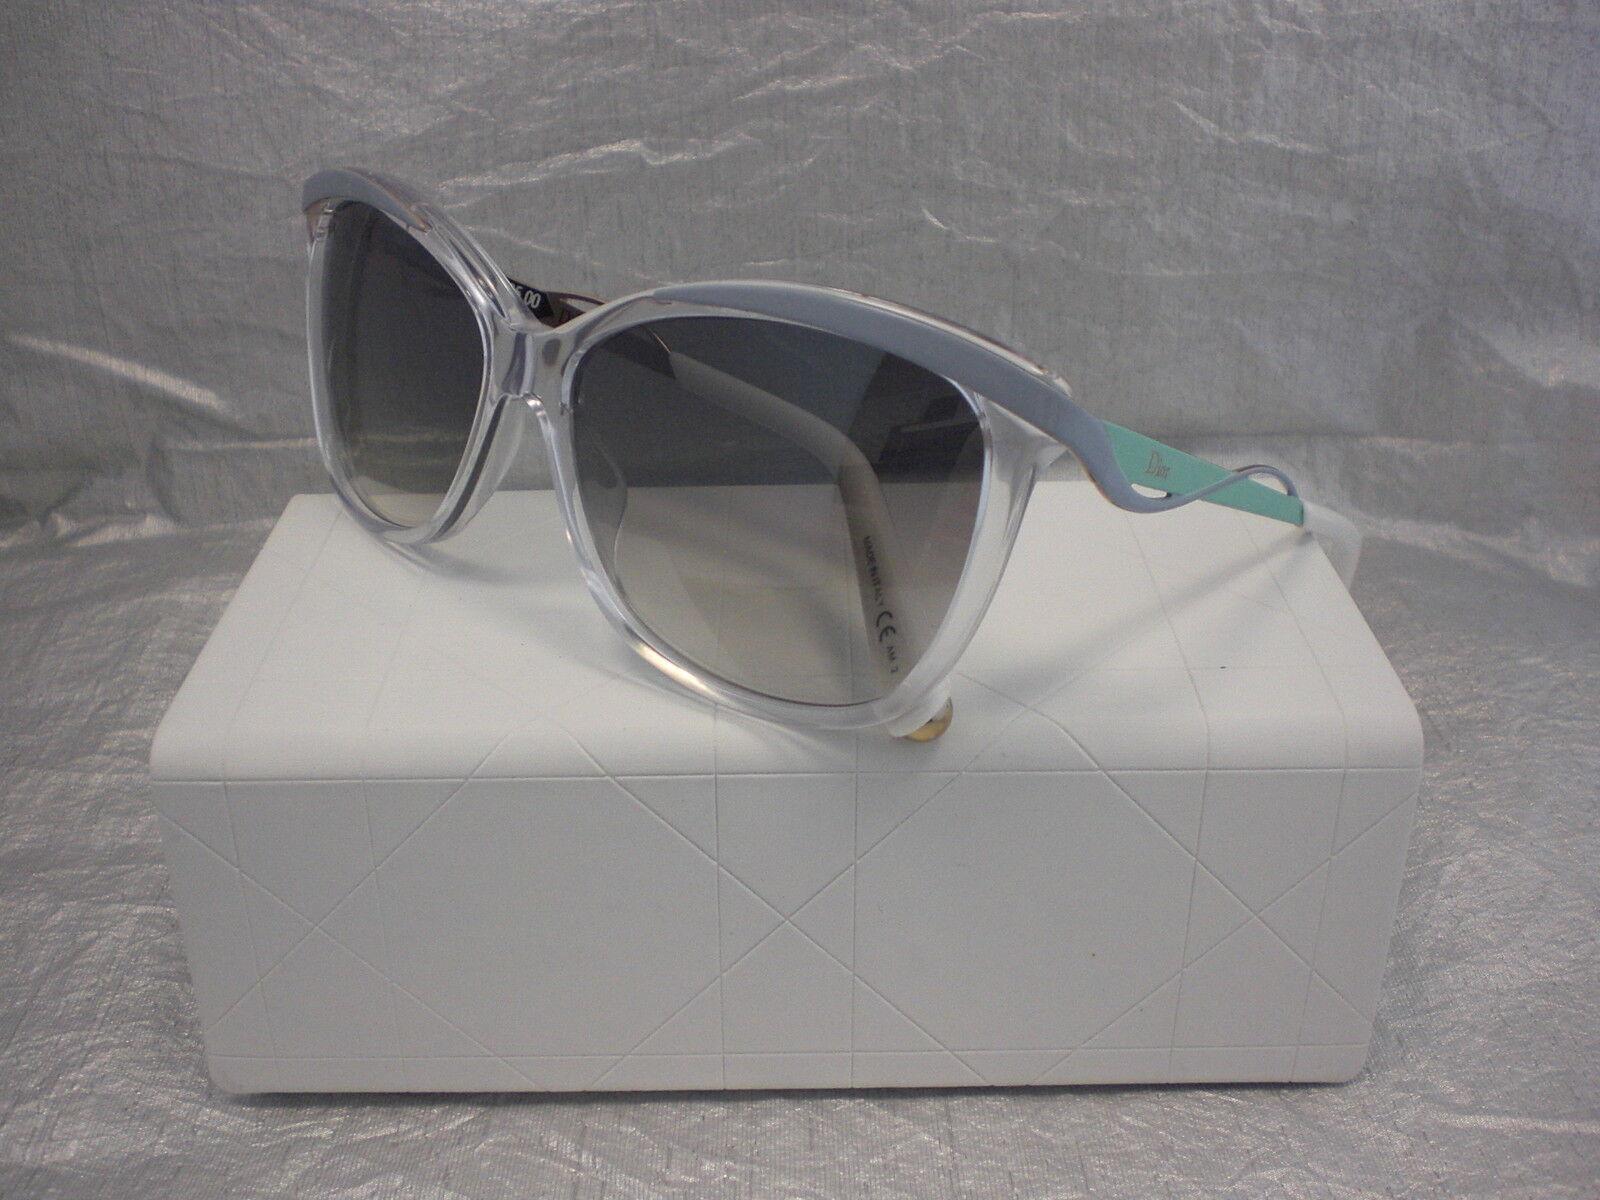 Original Original Original Christian Dior Sonnenbrille Metaleyes 2 Farbe 6ODIZ klar grau mint Gold | Günstigen Preis  | Neuheit Spielzeug  | Bekannt für seine schöne Qualität  6a215a